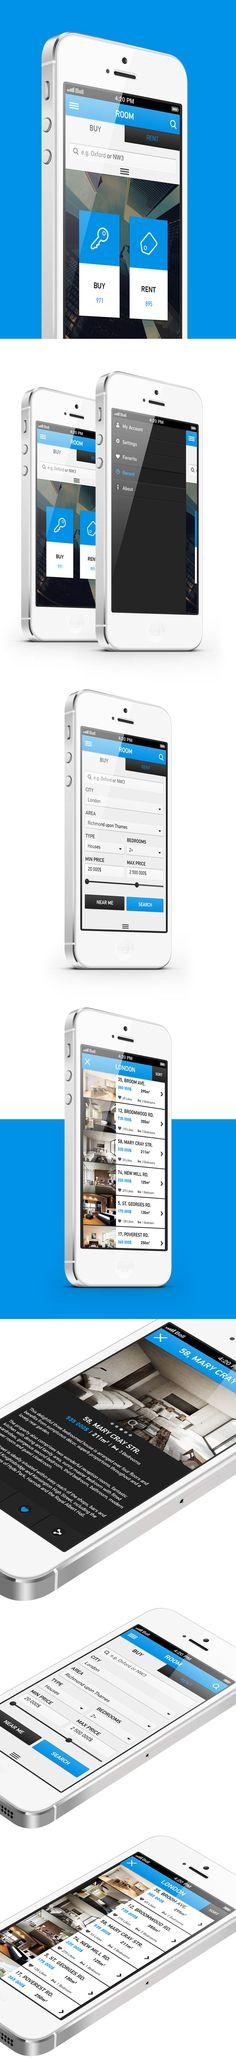 Daily Mobile UI Design Inspiration #38